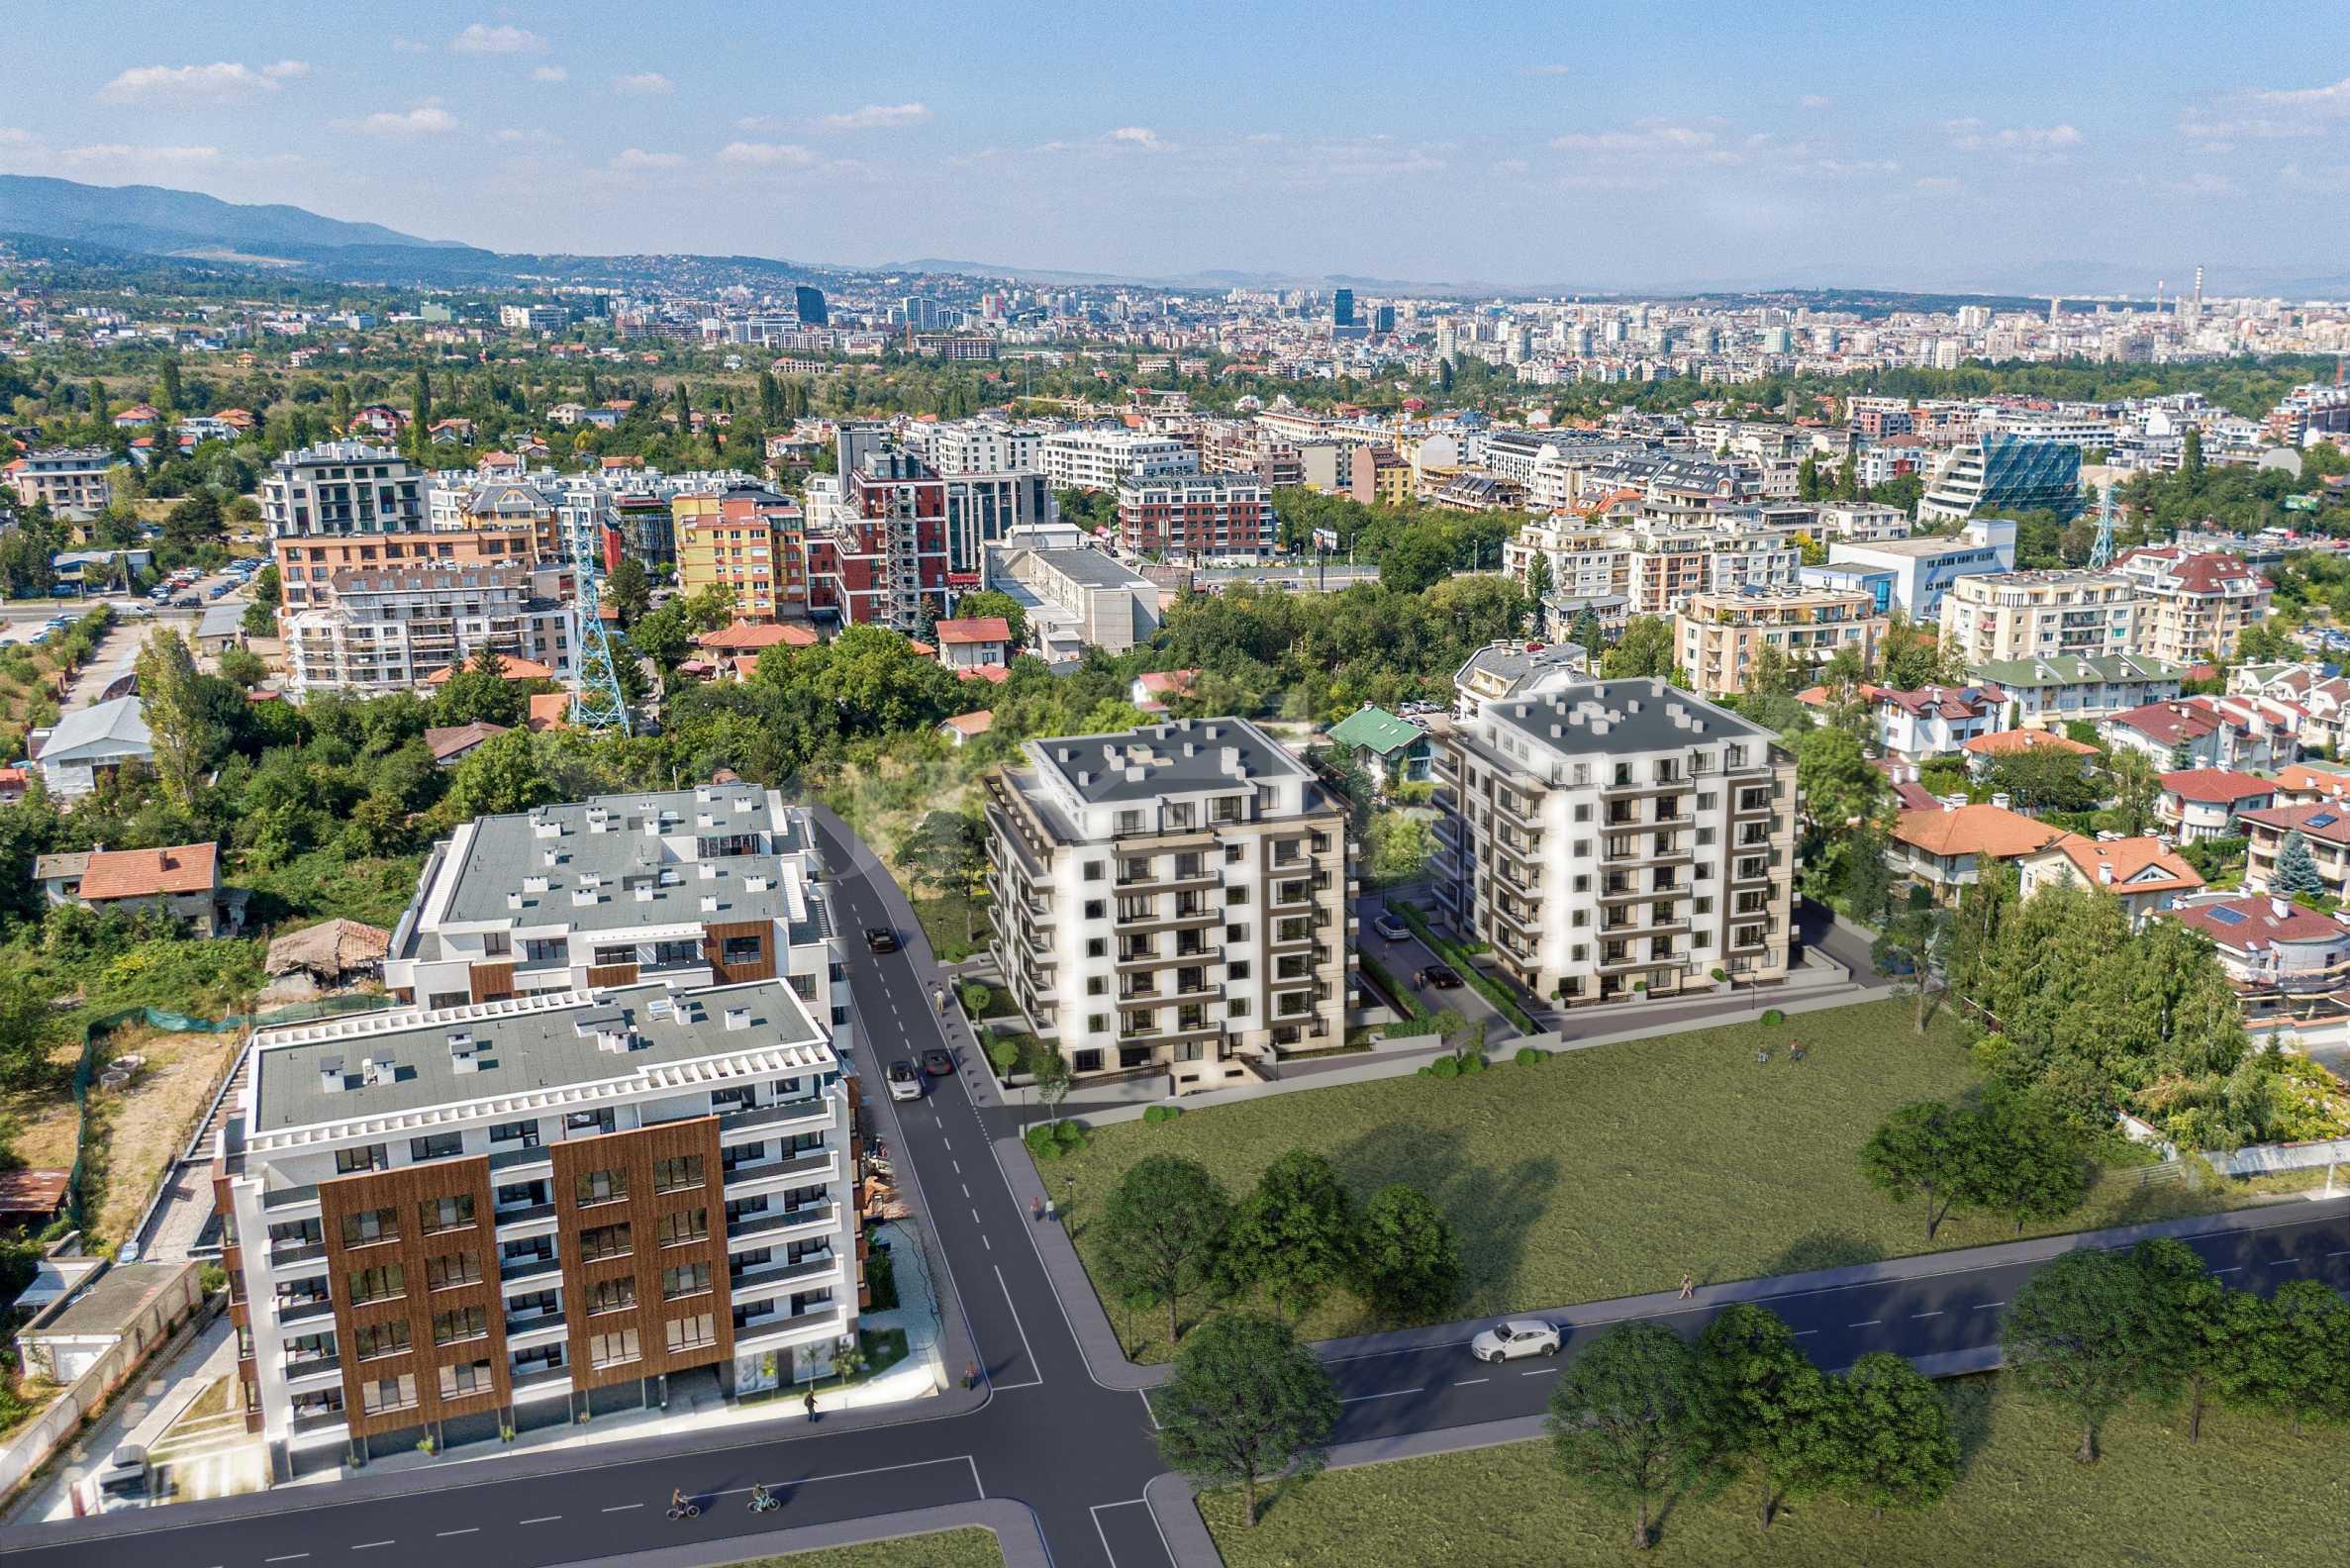 Предварительные продажи в новом комплексе рядом со станцией метро и Paradise Mall1 - Stonehard